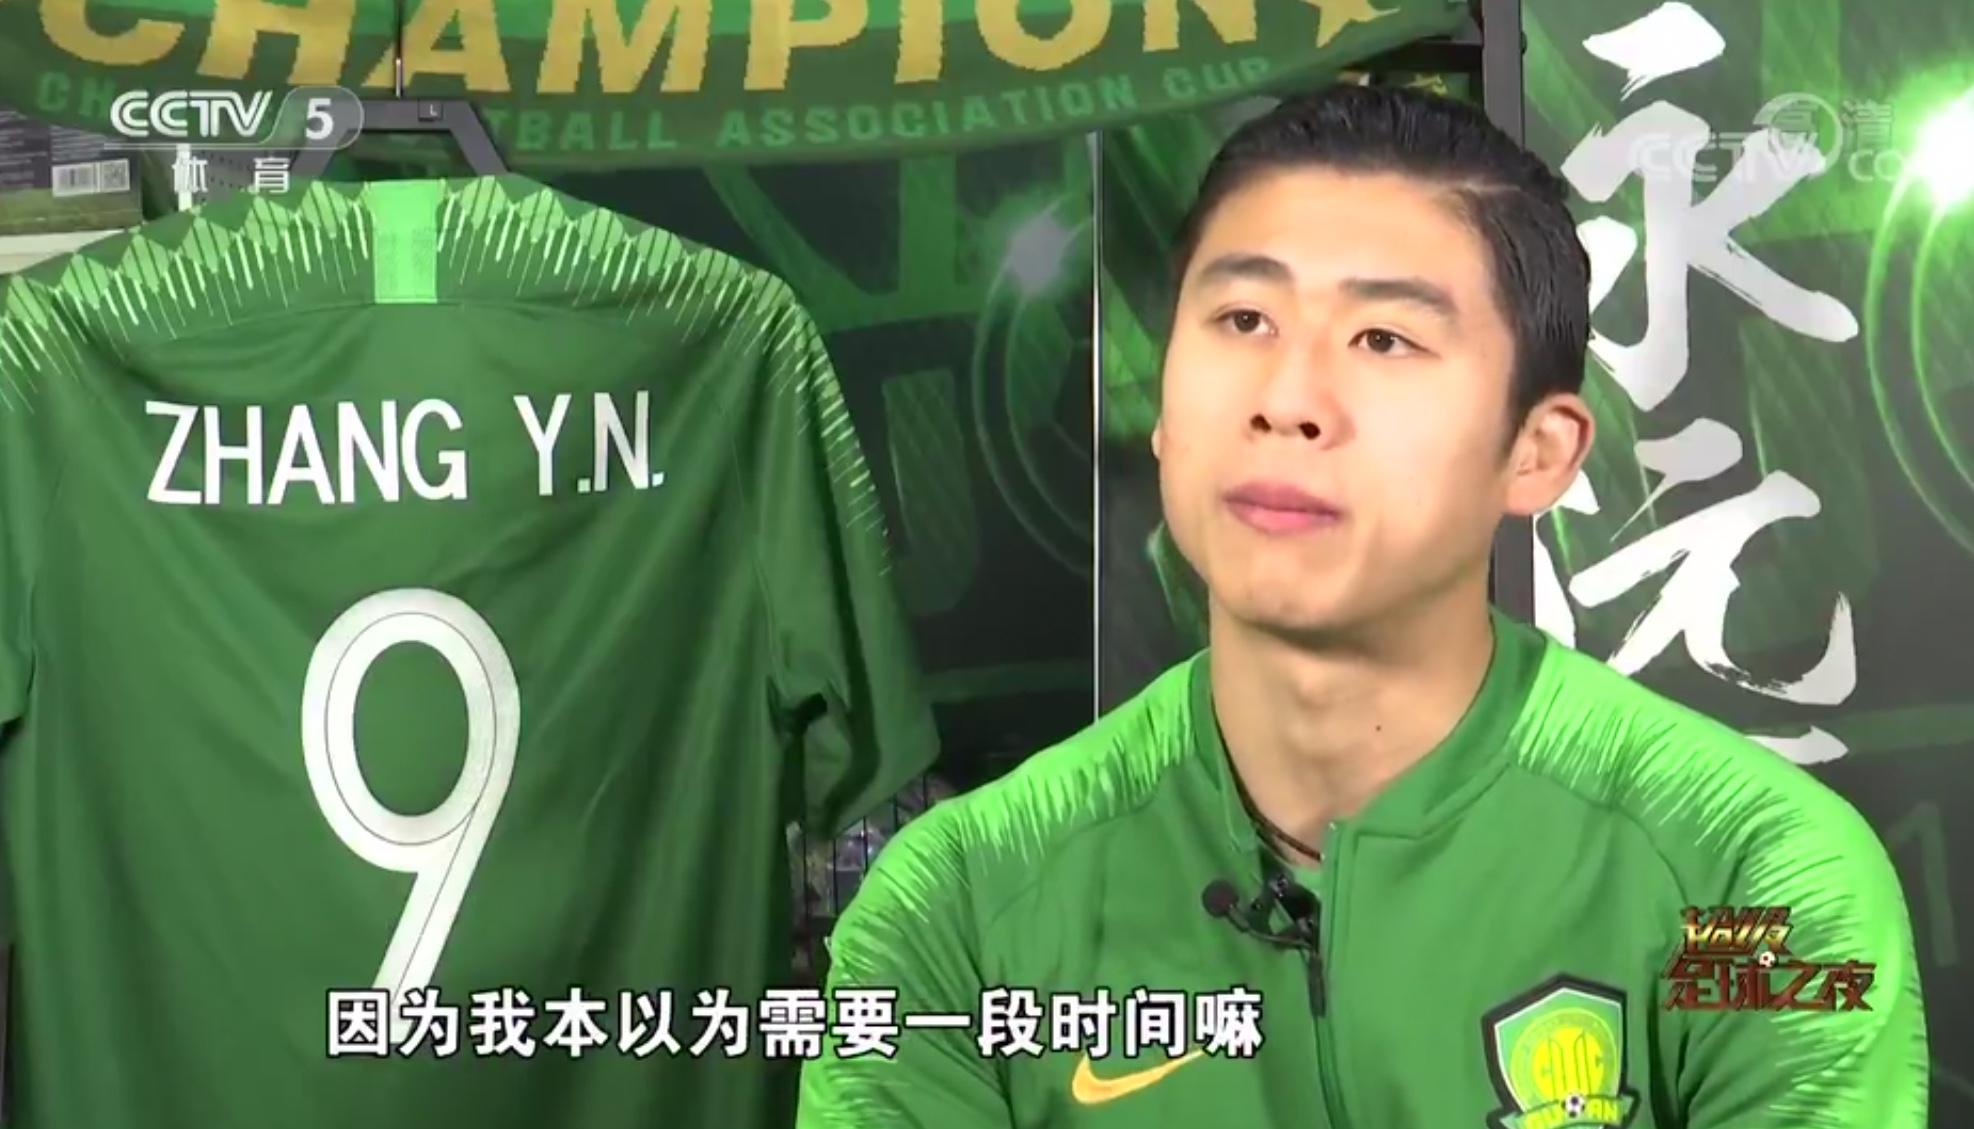 张玉宁:亚运伤病影响海牙生涯,但已经过去了要向前看